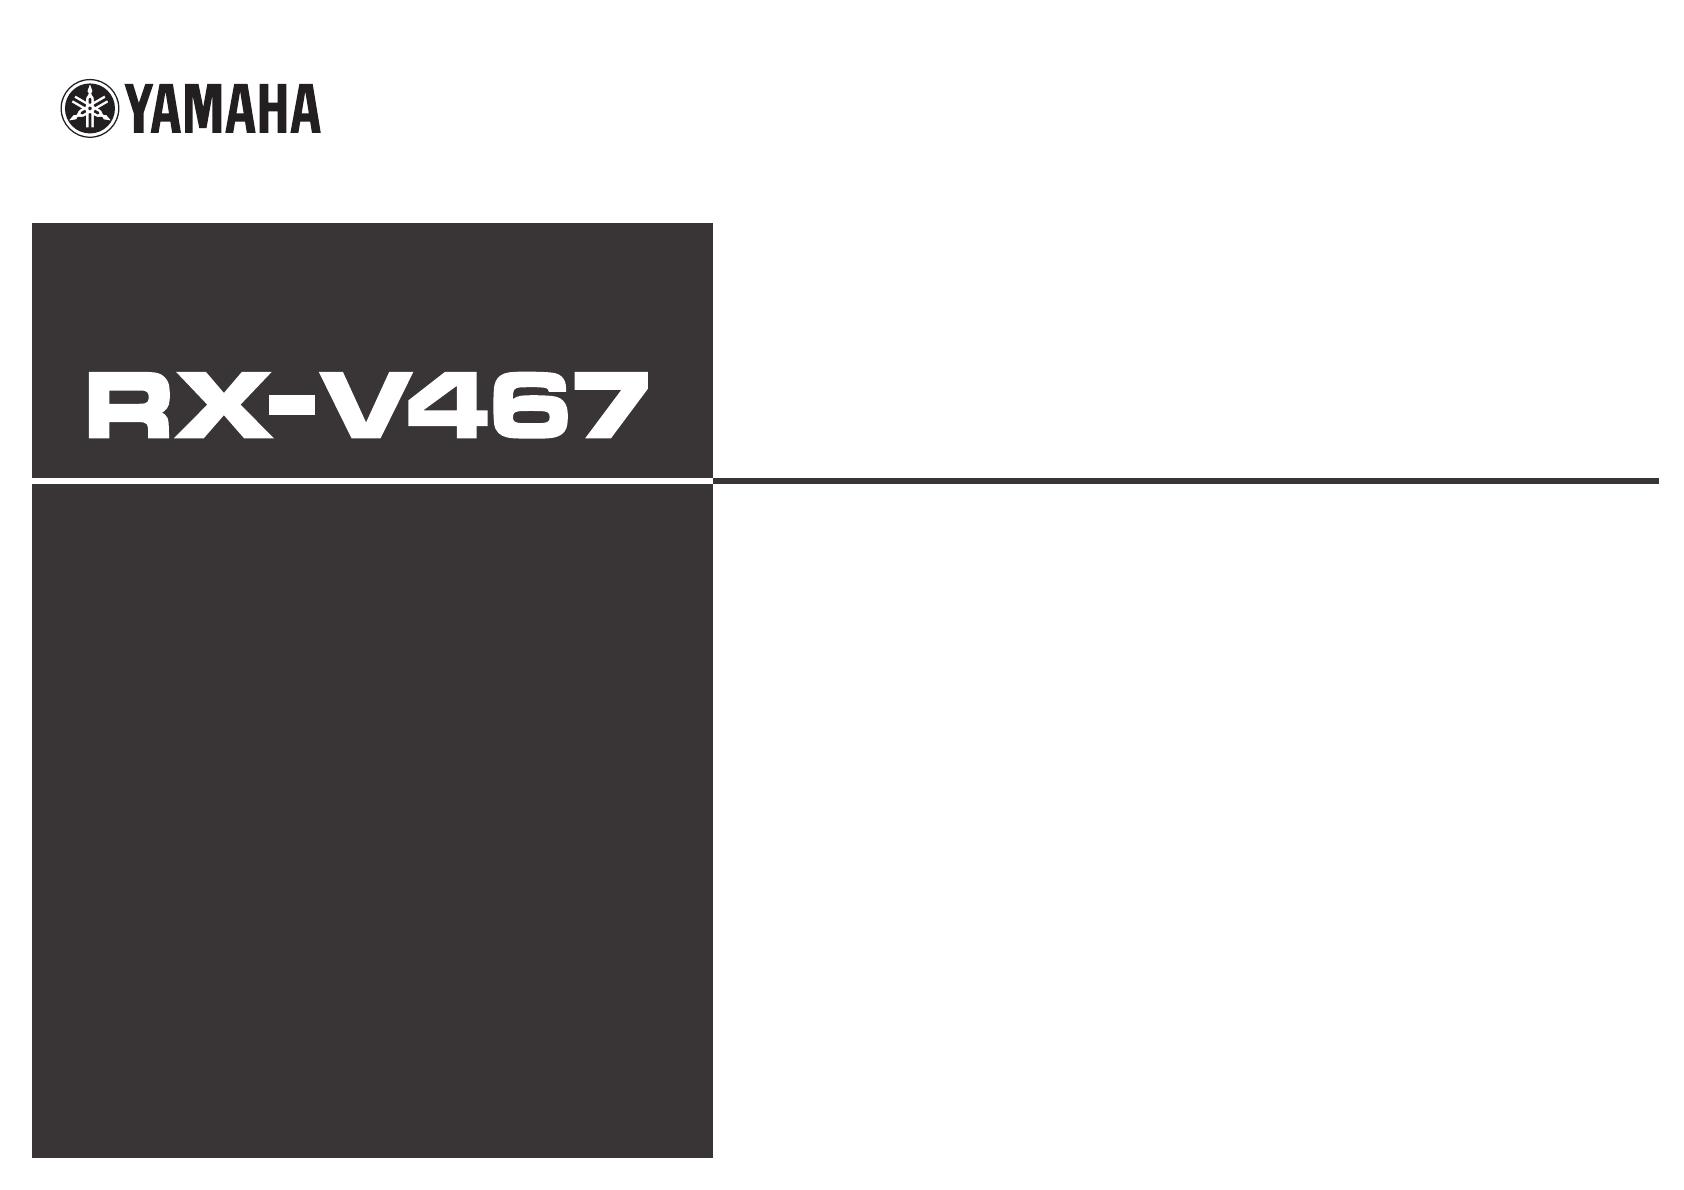 Podłączenie odbiornika Yamaha